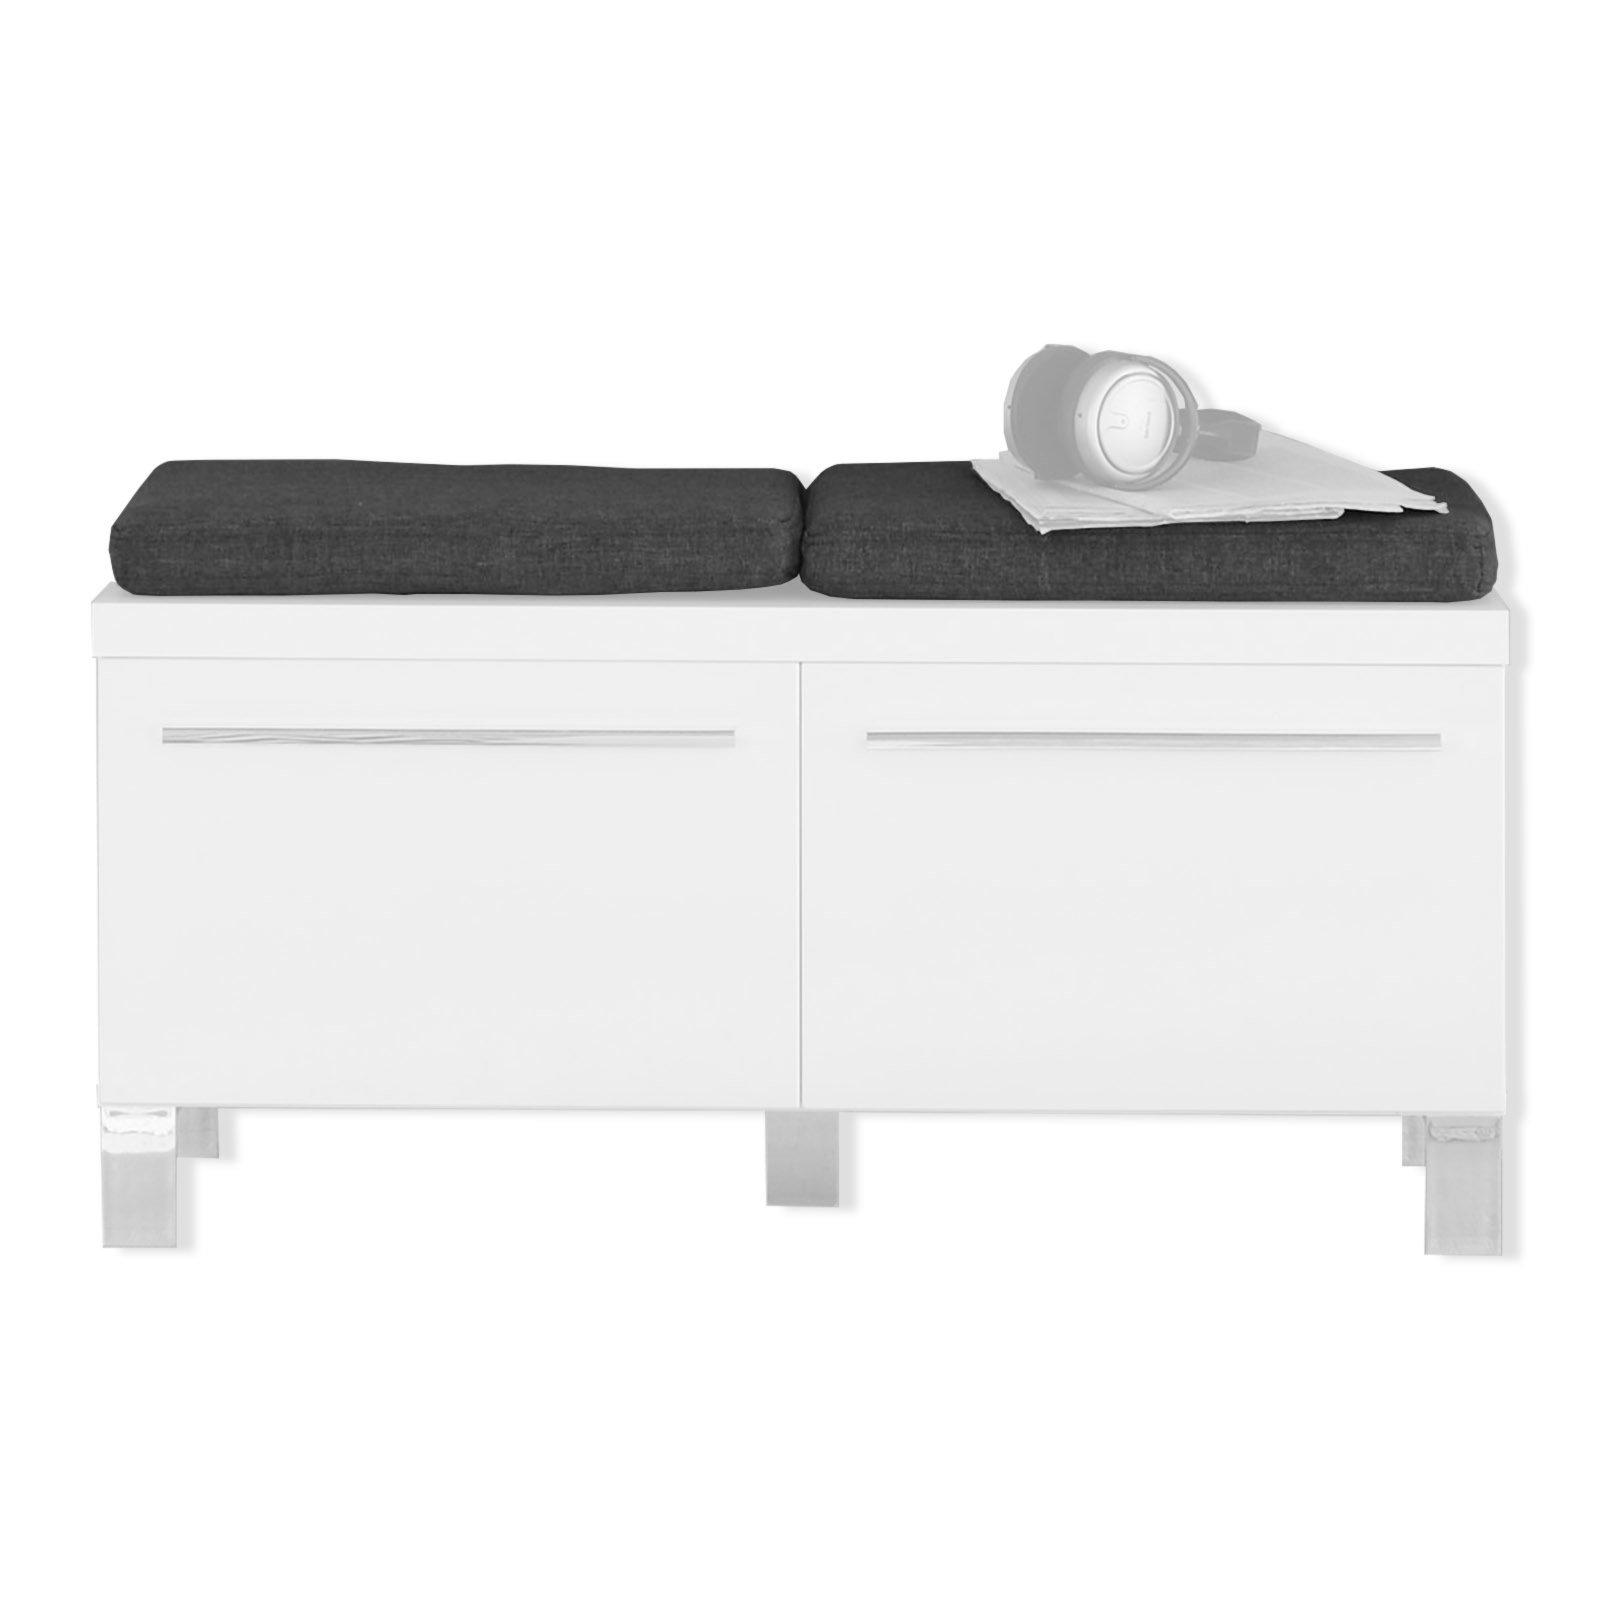 gartenmbel bei roller gartenmbel roller frisch lounge. Black Bedroom Furniture Sets. Home Design Ideas